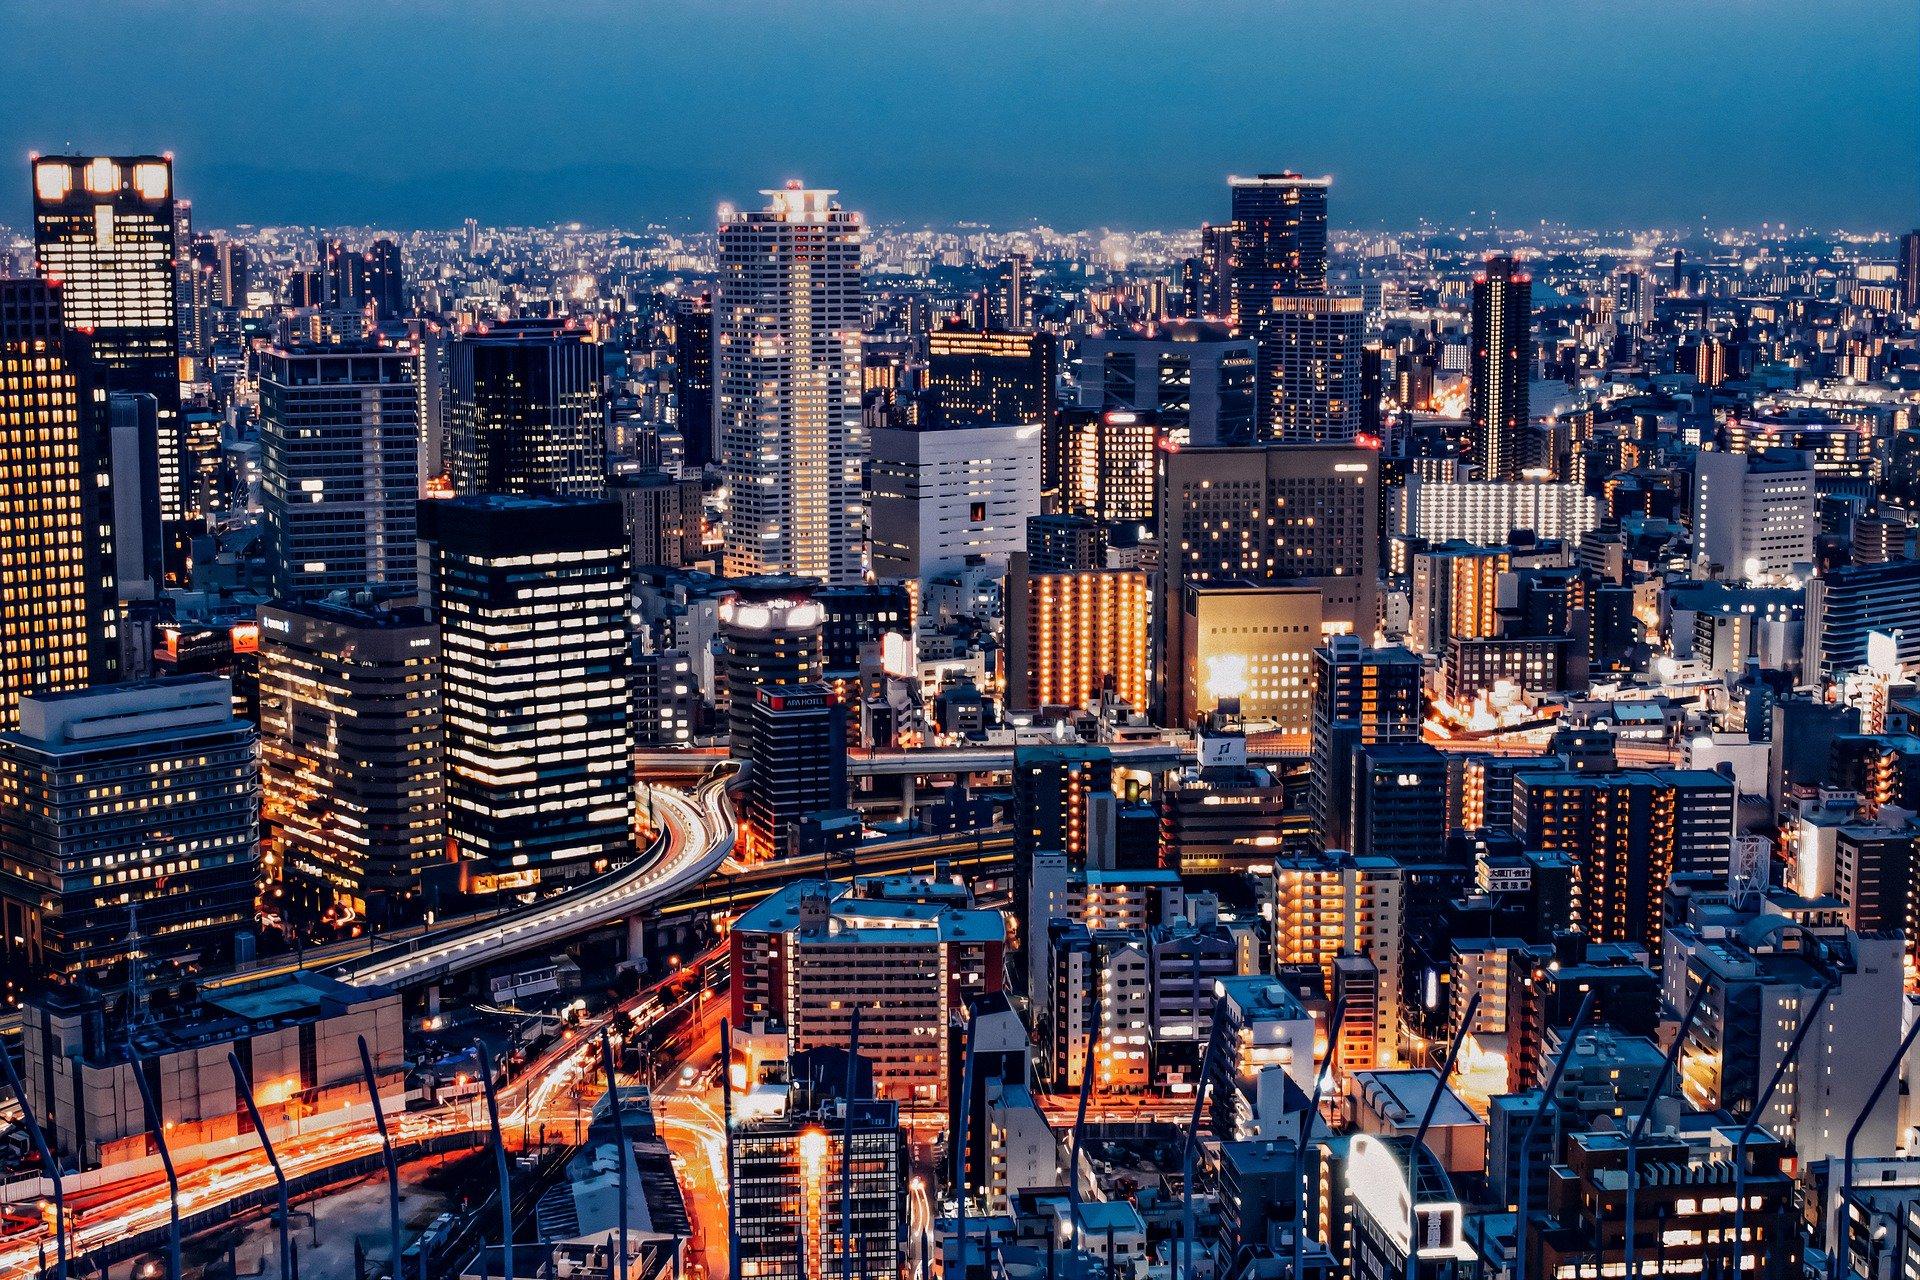 日本 超過死亡 マイナス2万4,000人